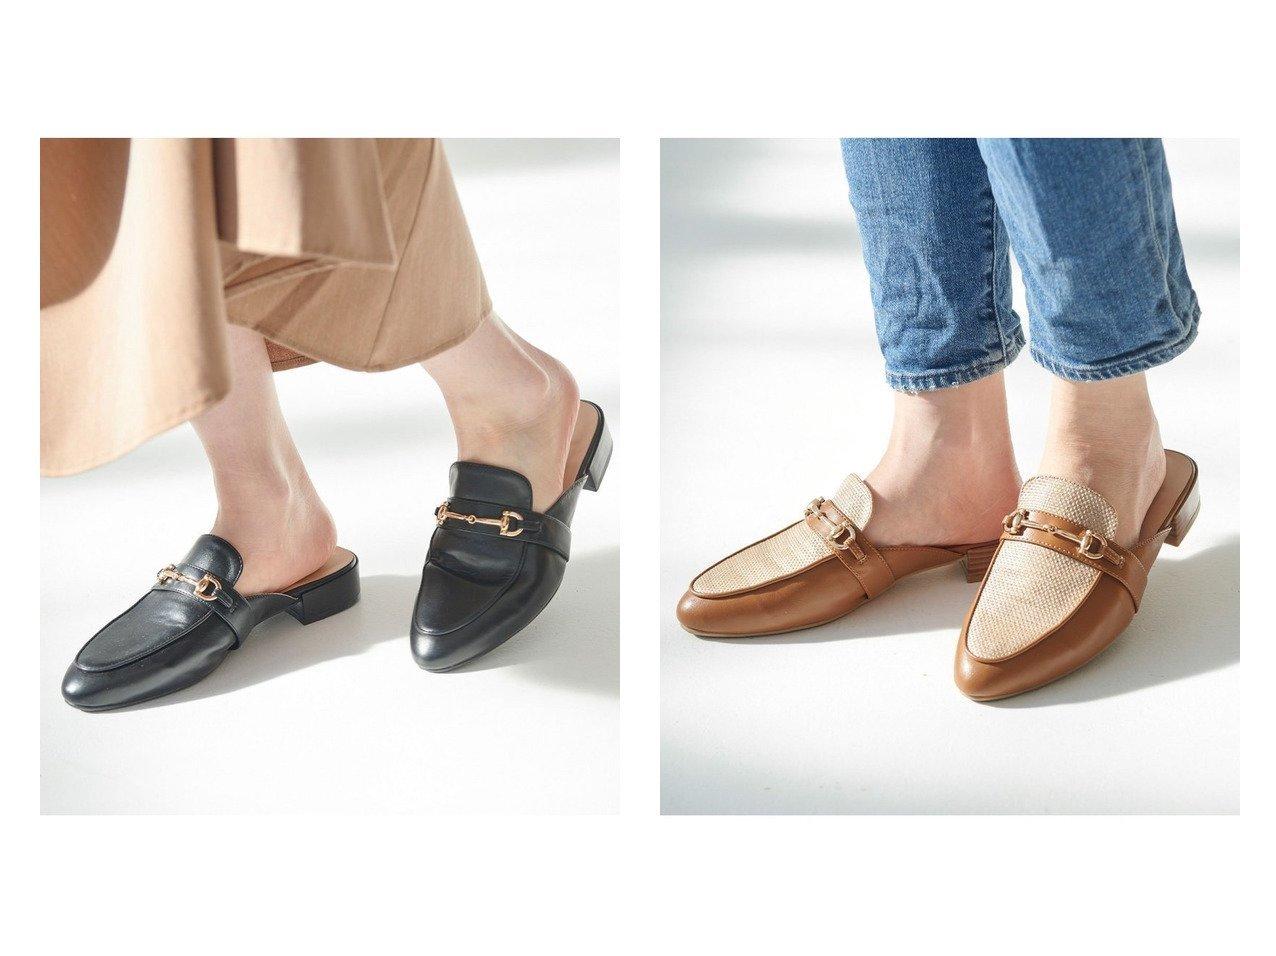 【Juze/ジュゼ】の【HARUTA*Juze】ビットミュールローファー 【シューズ・靴】おすすめ!人気、トレンド・レディースファッションの通販 おすすめで人気の流行・トレンド、ファッションの通販商品 メンズファッション・キッズファッション・インテリア・家具・レディースファッション・服の通販 founy(ファニー) https://founy.com/ ファッション Fashion レディースファッション WOMEN おすすめ Recommend インソール クッション シューズ シンプル パターン マニッシュ ミュール メッシュ  ID:crp329100000028149